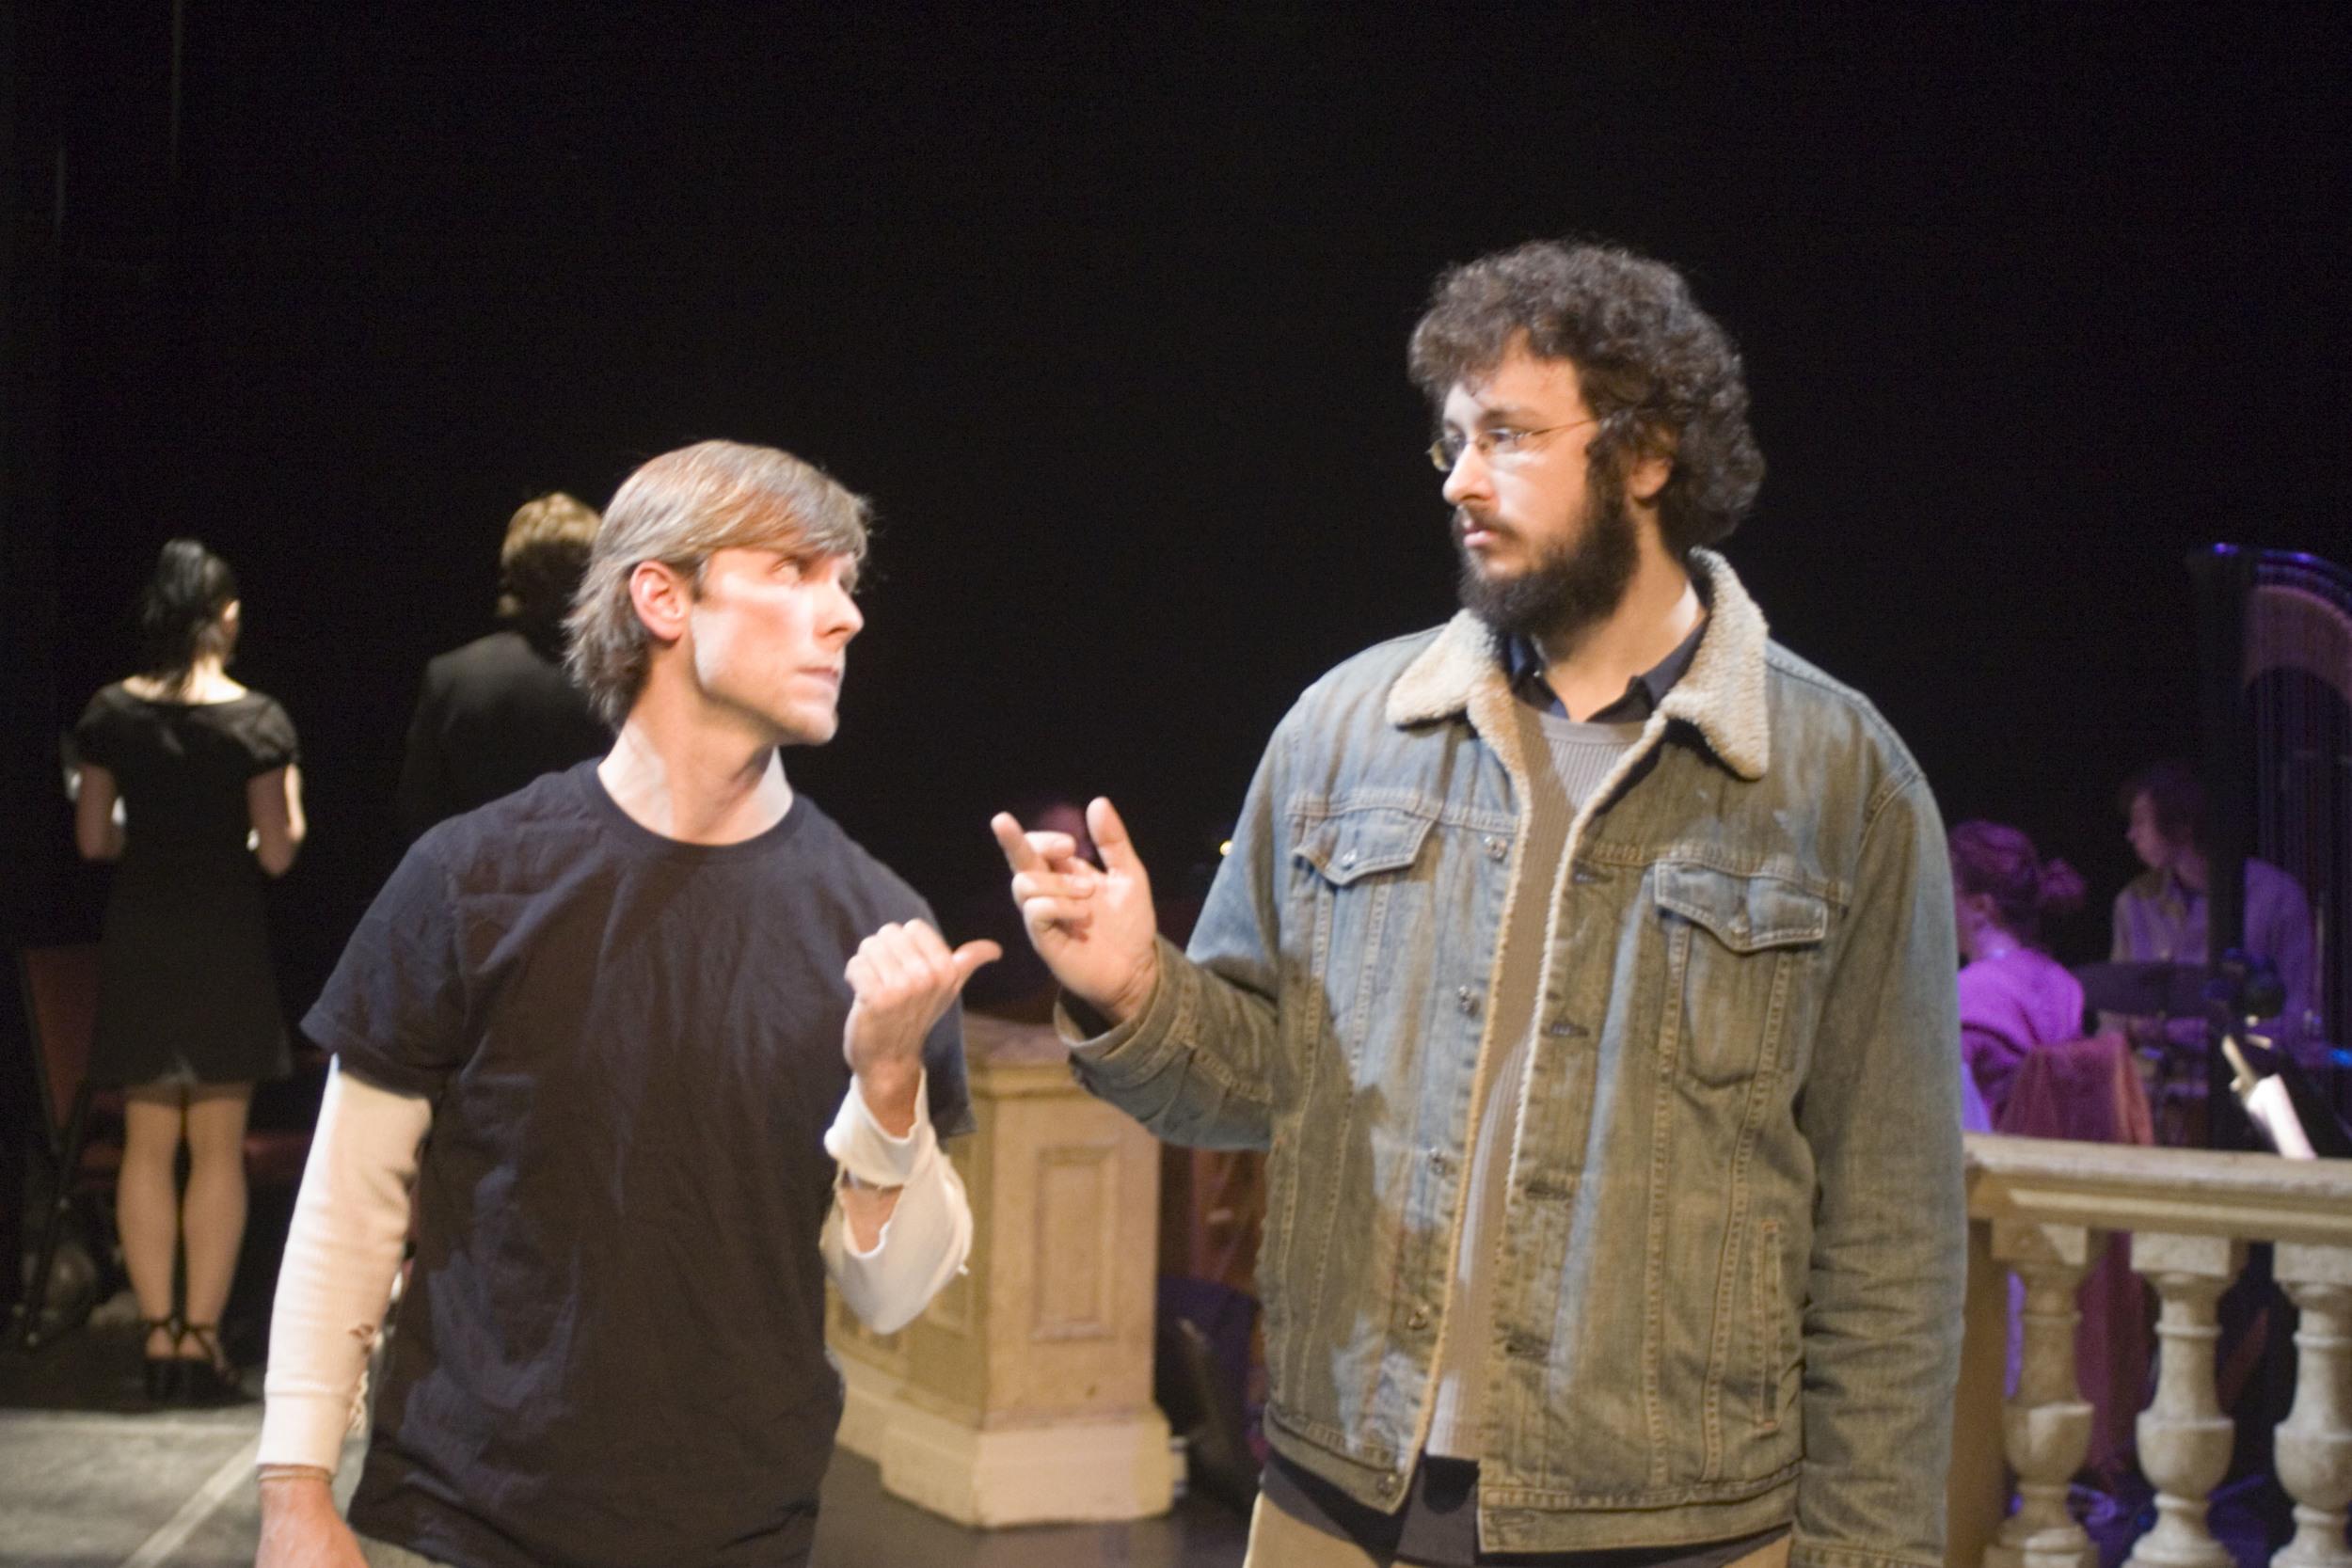 Adam Hose and Owen O'Malley. Photo by Lauren Braun